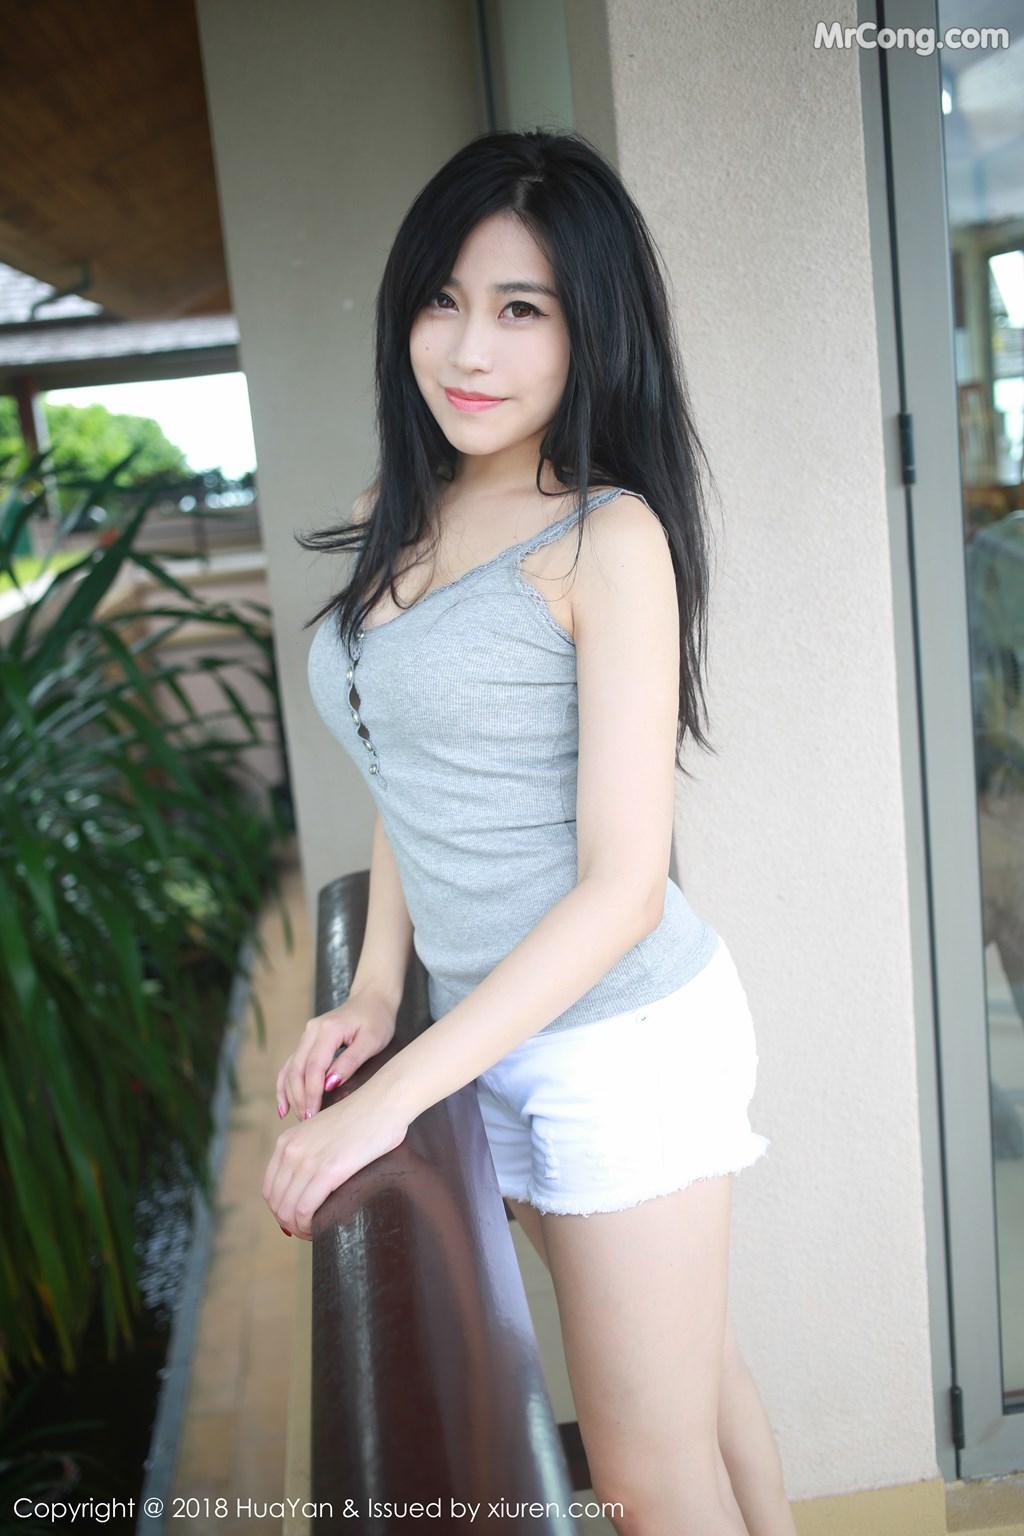 Image HuaYan-Vol.054-Sabrina-Xu-Nuo-MrCong.com-010 in post HuaYan Vol.054: Người mẫu Sabrina (许诺) (31 ảnh)